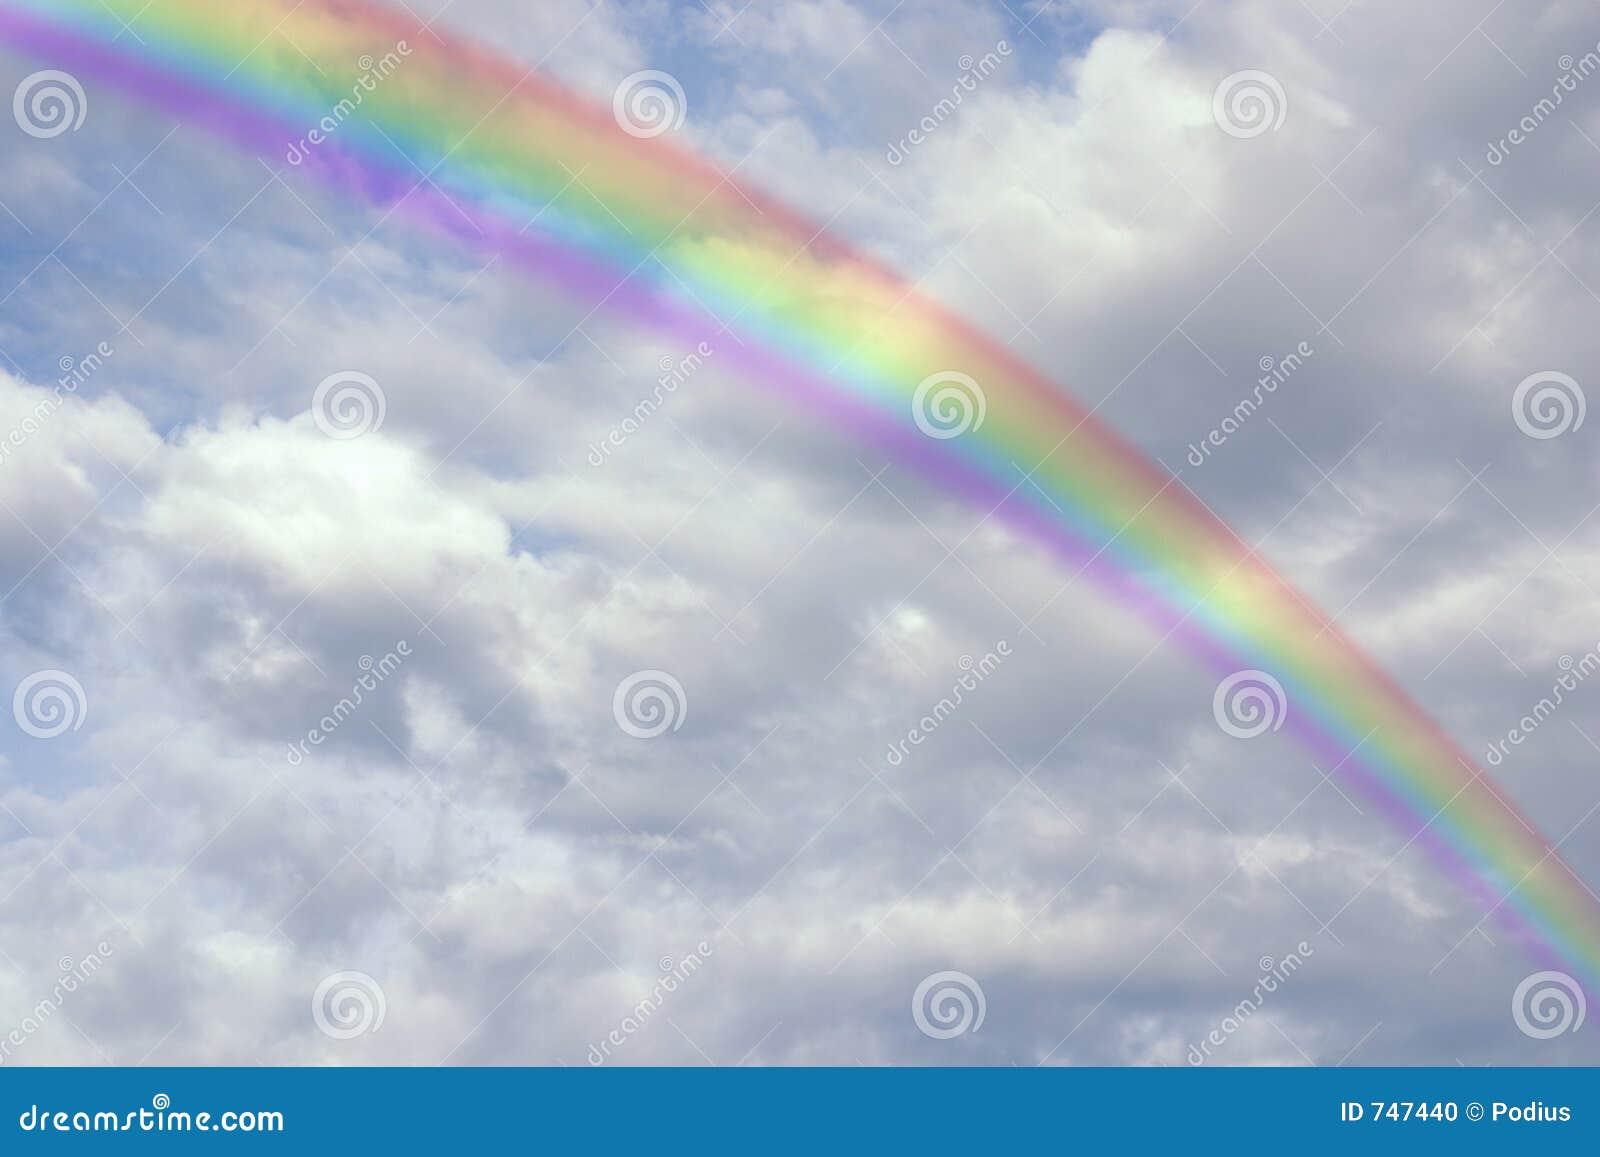 Arc en ciel lumineux photo stock image 747440 - Bracelet arc en ciel ...